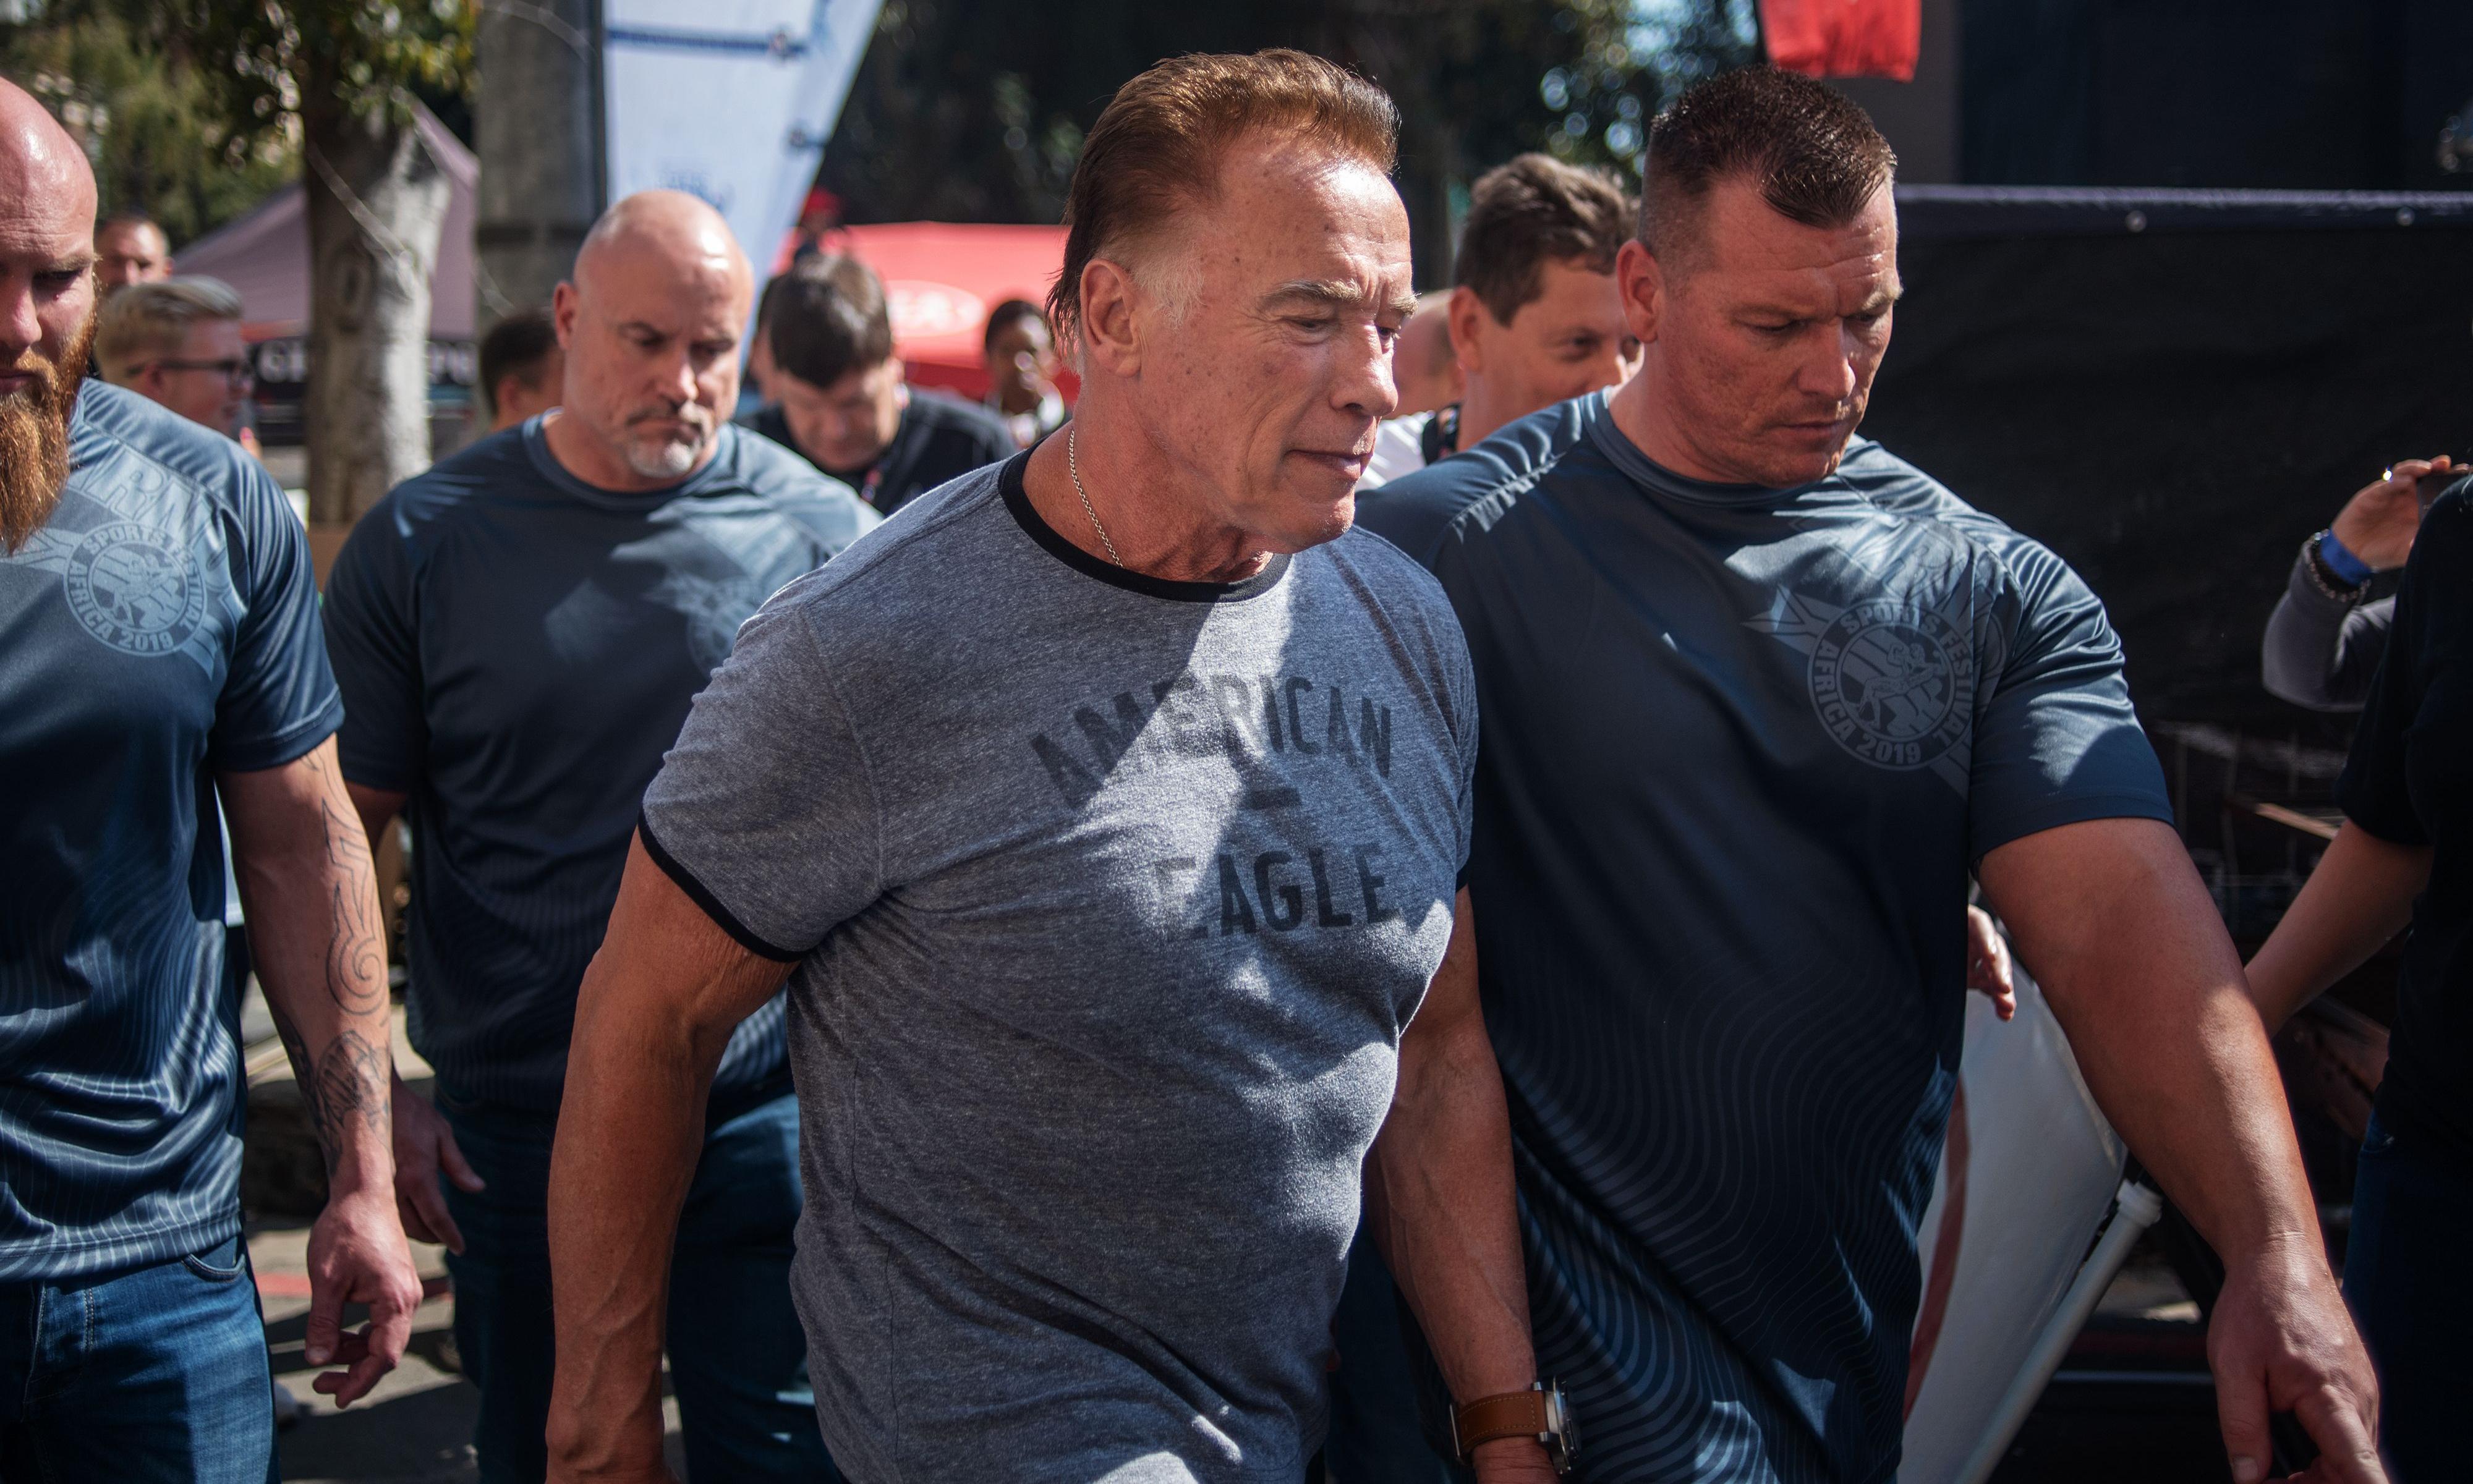 Argh, me back: Arnold Schwarzenegger OK after South Africa flying kick